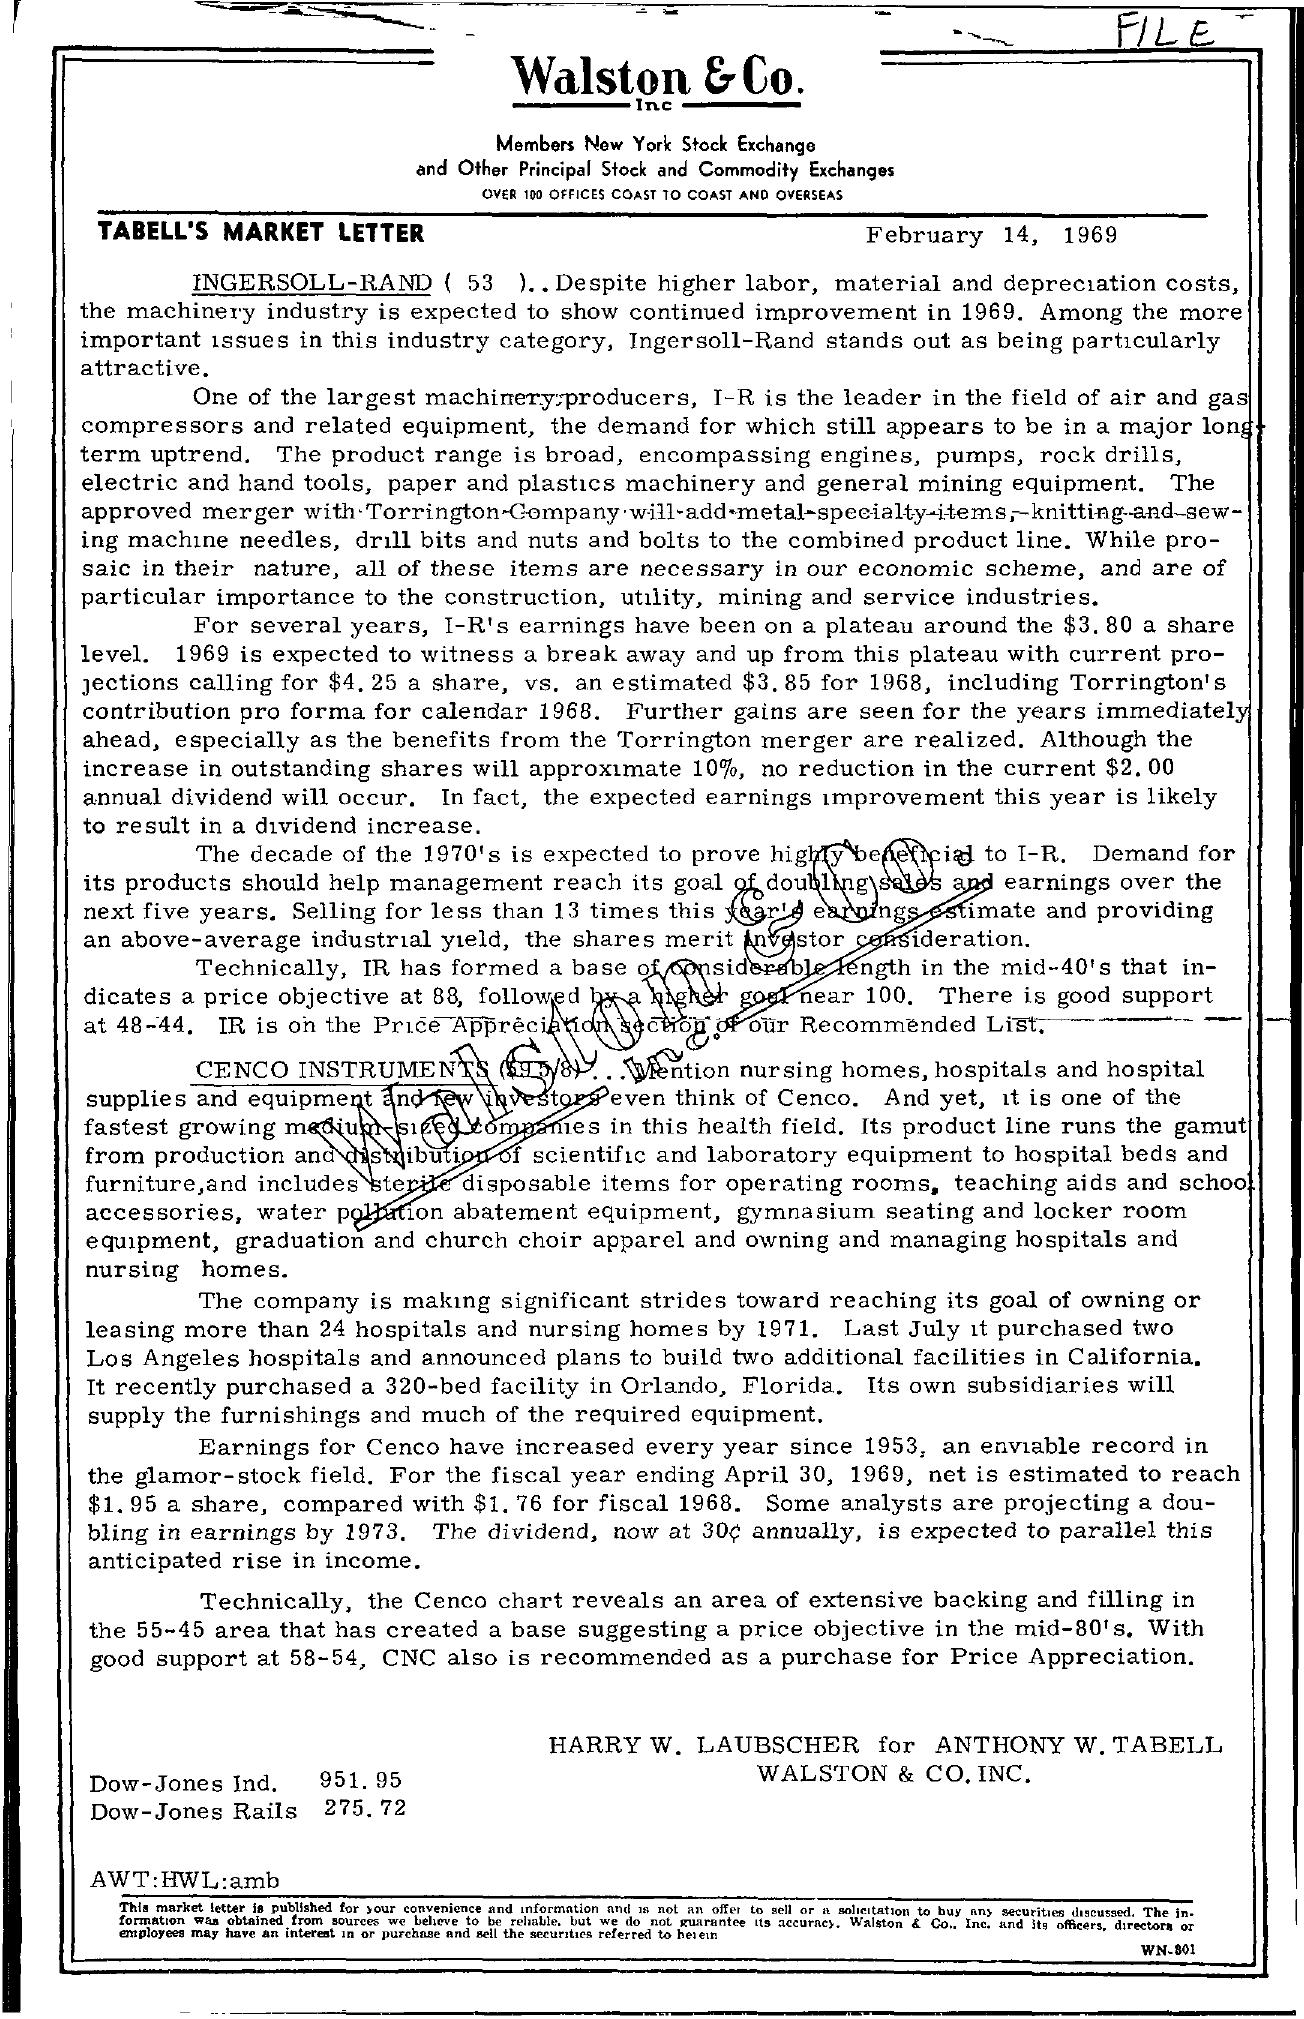 Tabell's Market Letter - February 14, 1969